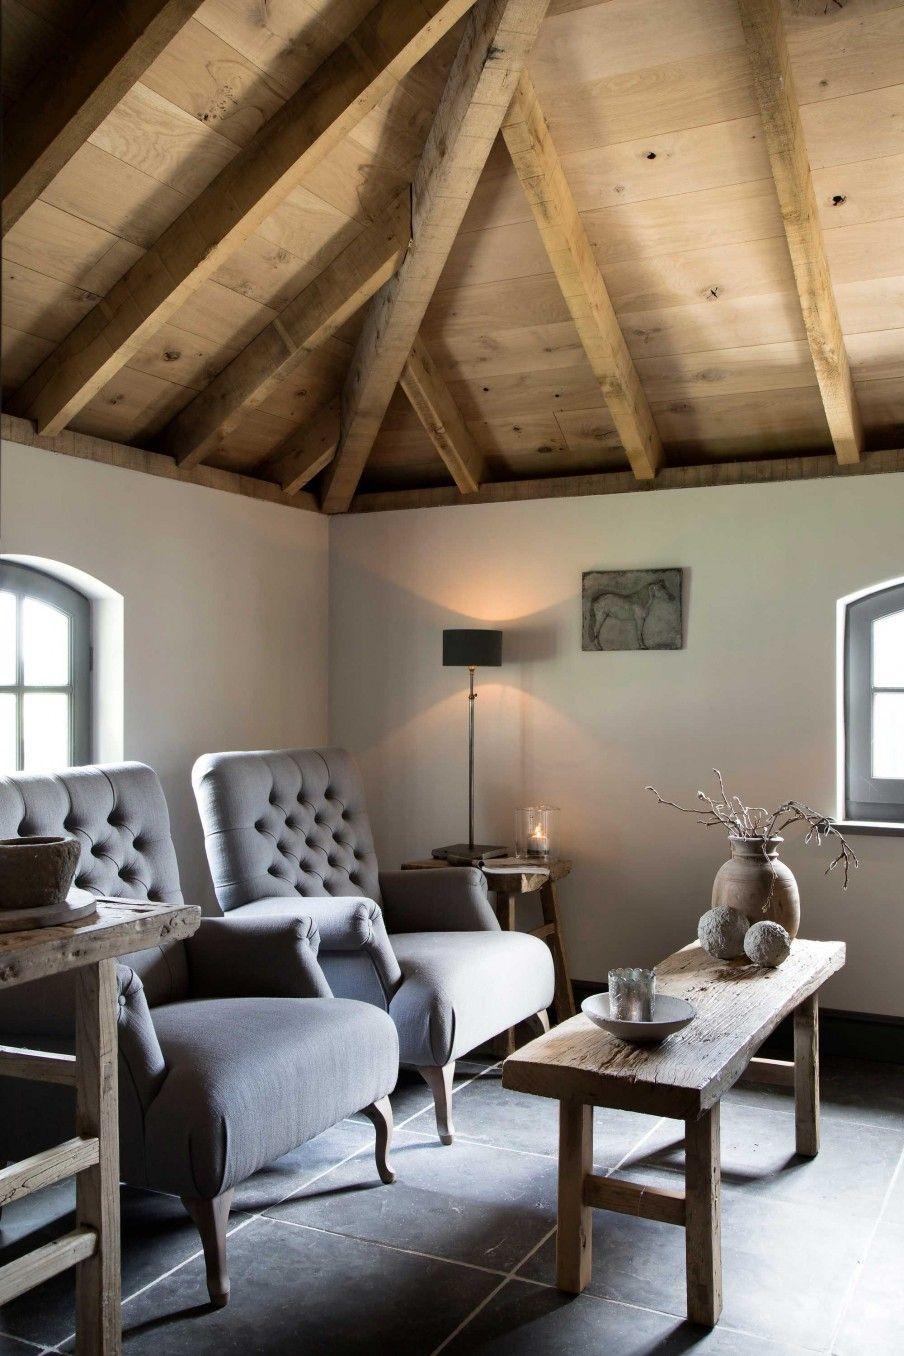 svh_friedadschuur_015 landelijke stijl huizen rustieke interieurs sober decoratie ontwerpideen sweet home